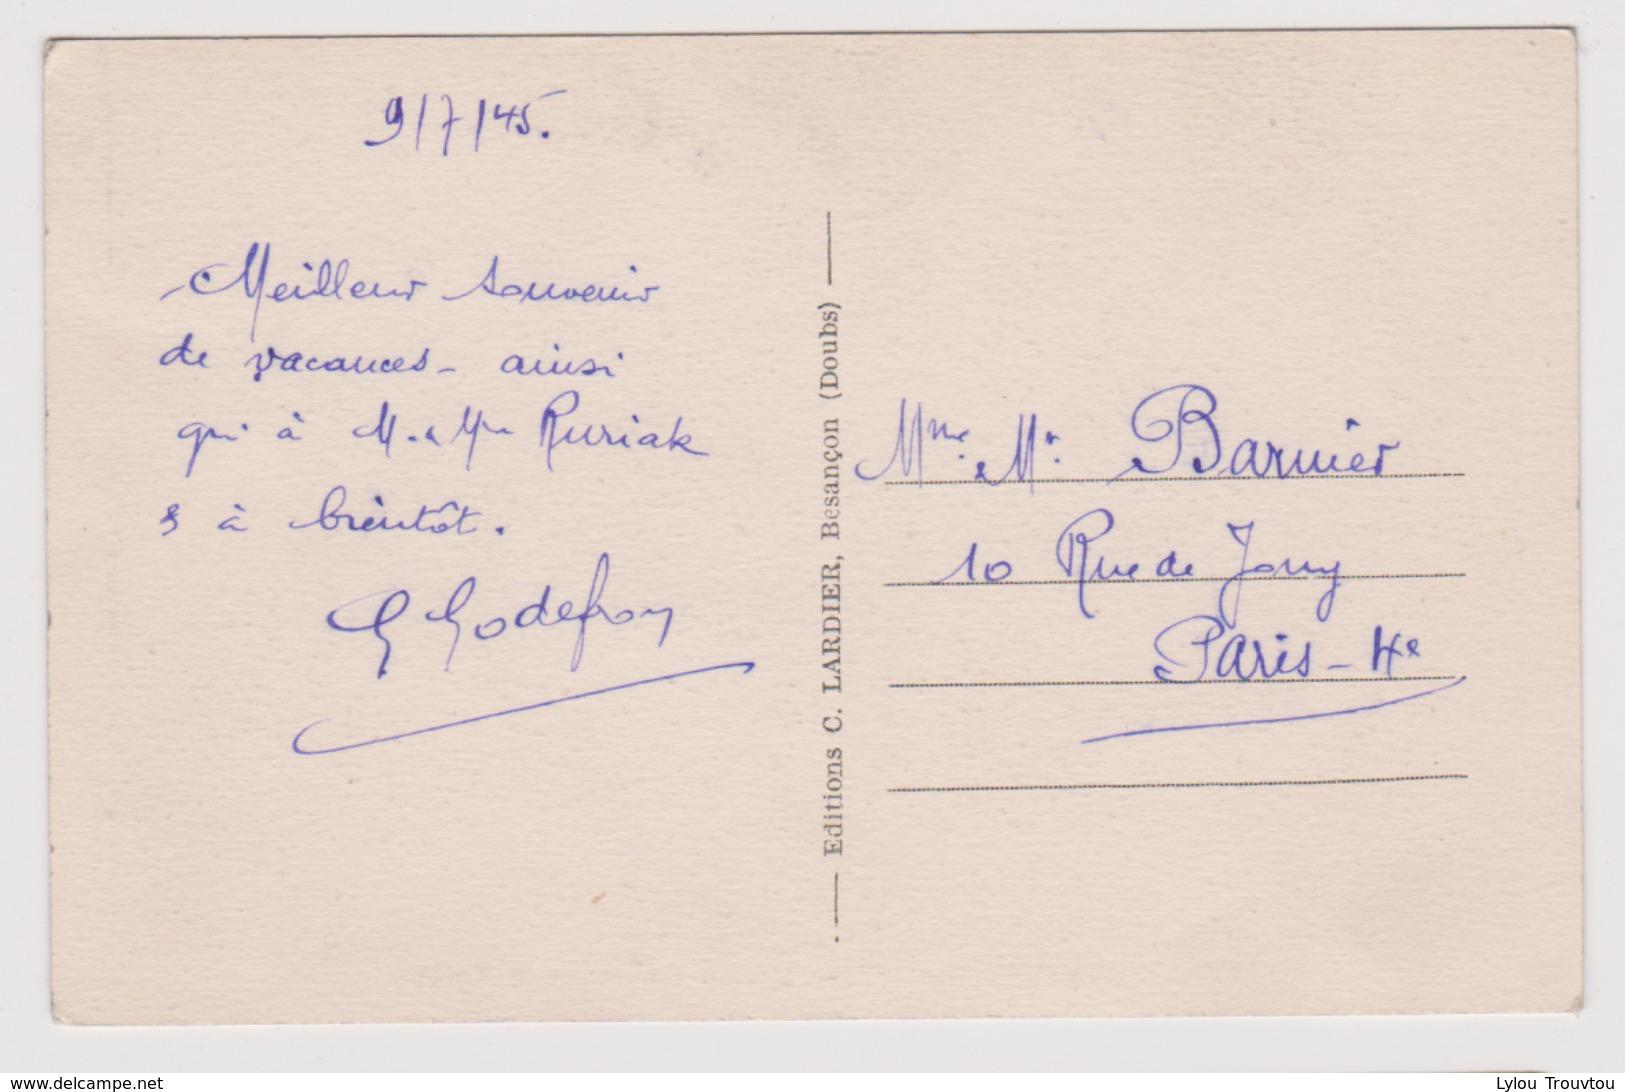 SAUVAGNEY - Maison Commune Et Eglise / Environs Moncley Chambornay Les Pins Gezier Etuz Auxons Dessus Dessous Geneuille - Frankrijk